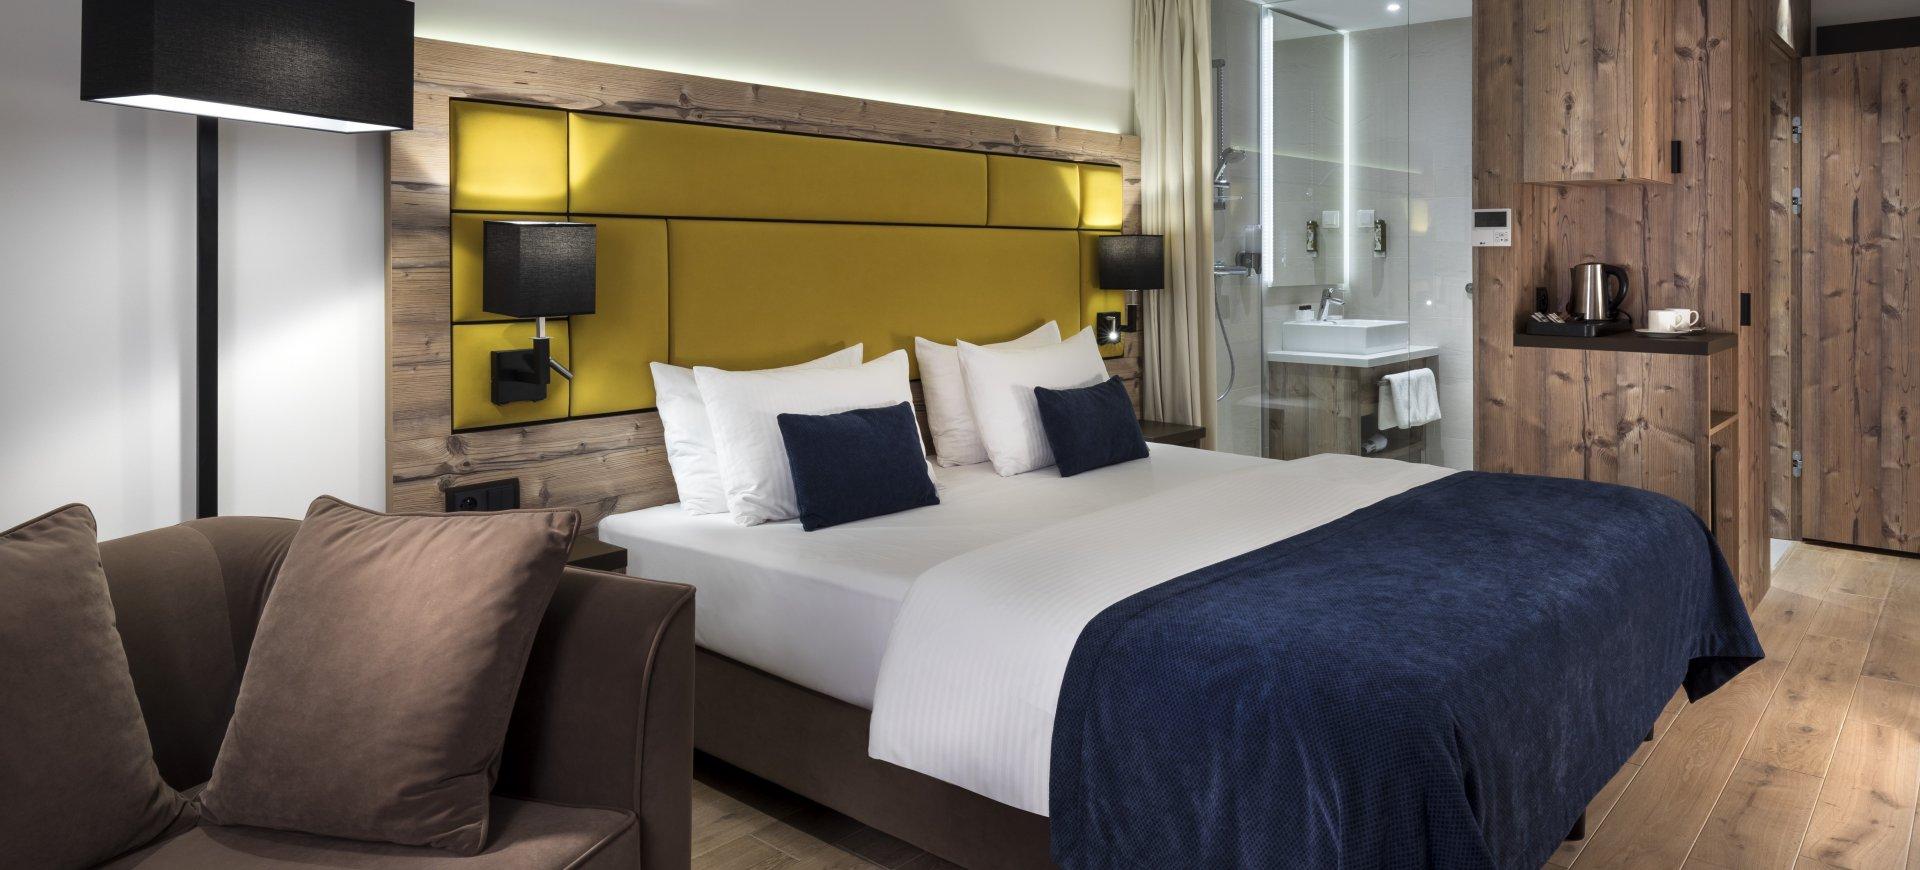 Standard med queen size-säng